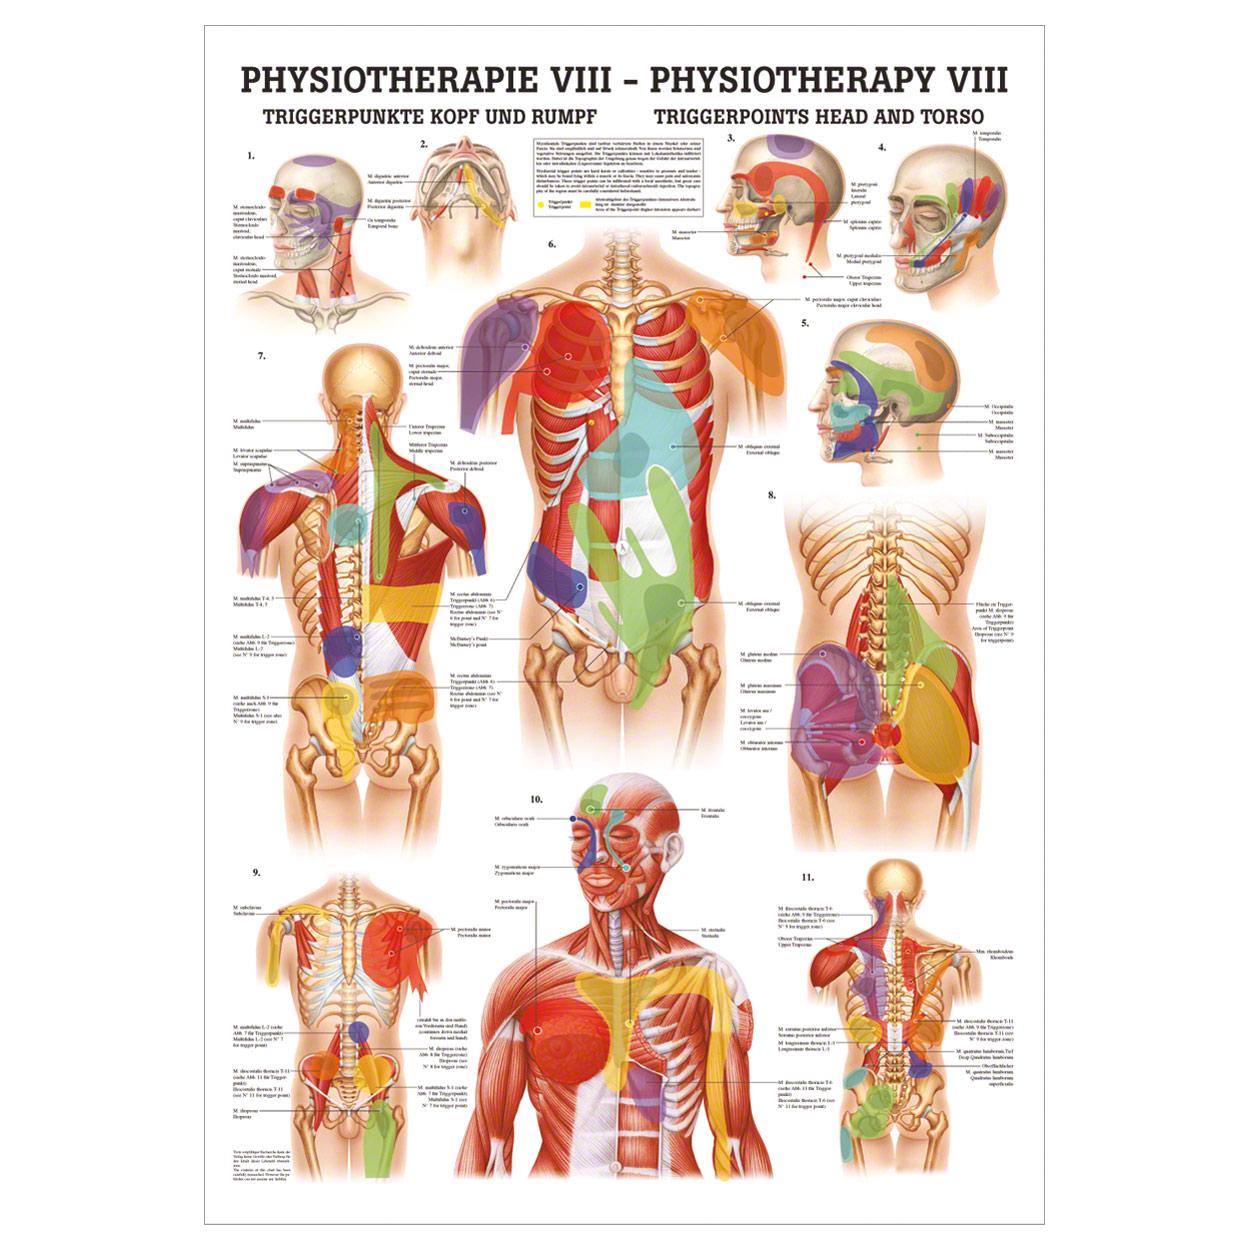 Triggerpunkte Kopf und Rumpf Mini-Poster Anatomie 34x24 cm med ...